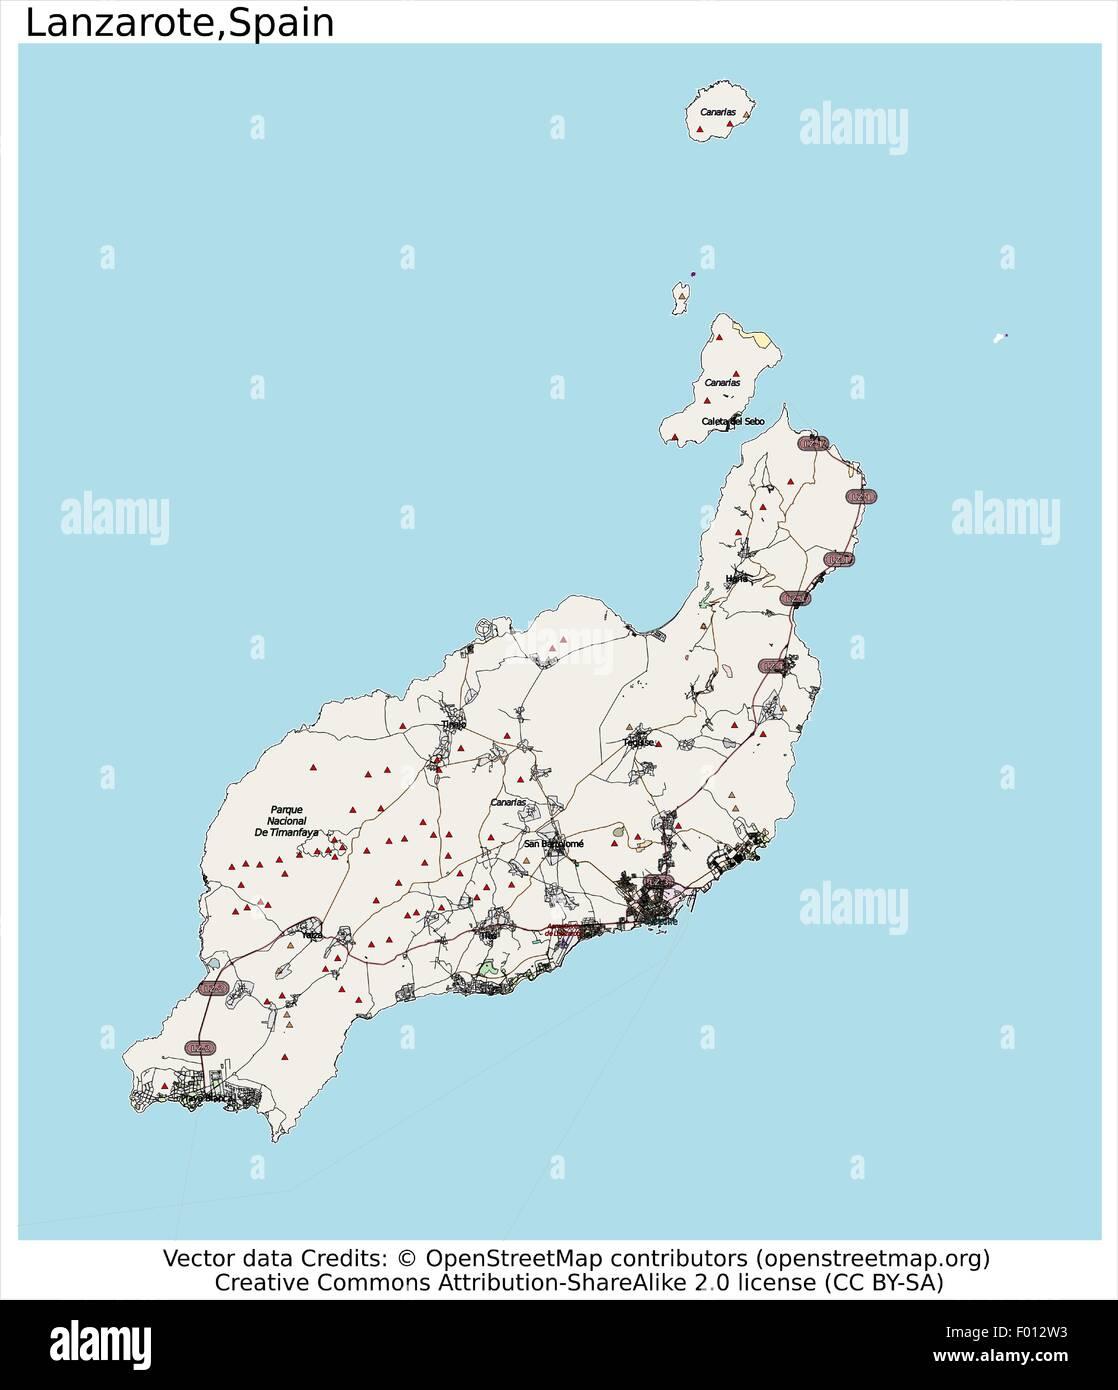 Isla De Lanzarote Mapa.Isla De Lanzarote Espana Area Vista Aerea Del Mapa De La